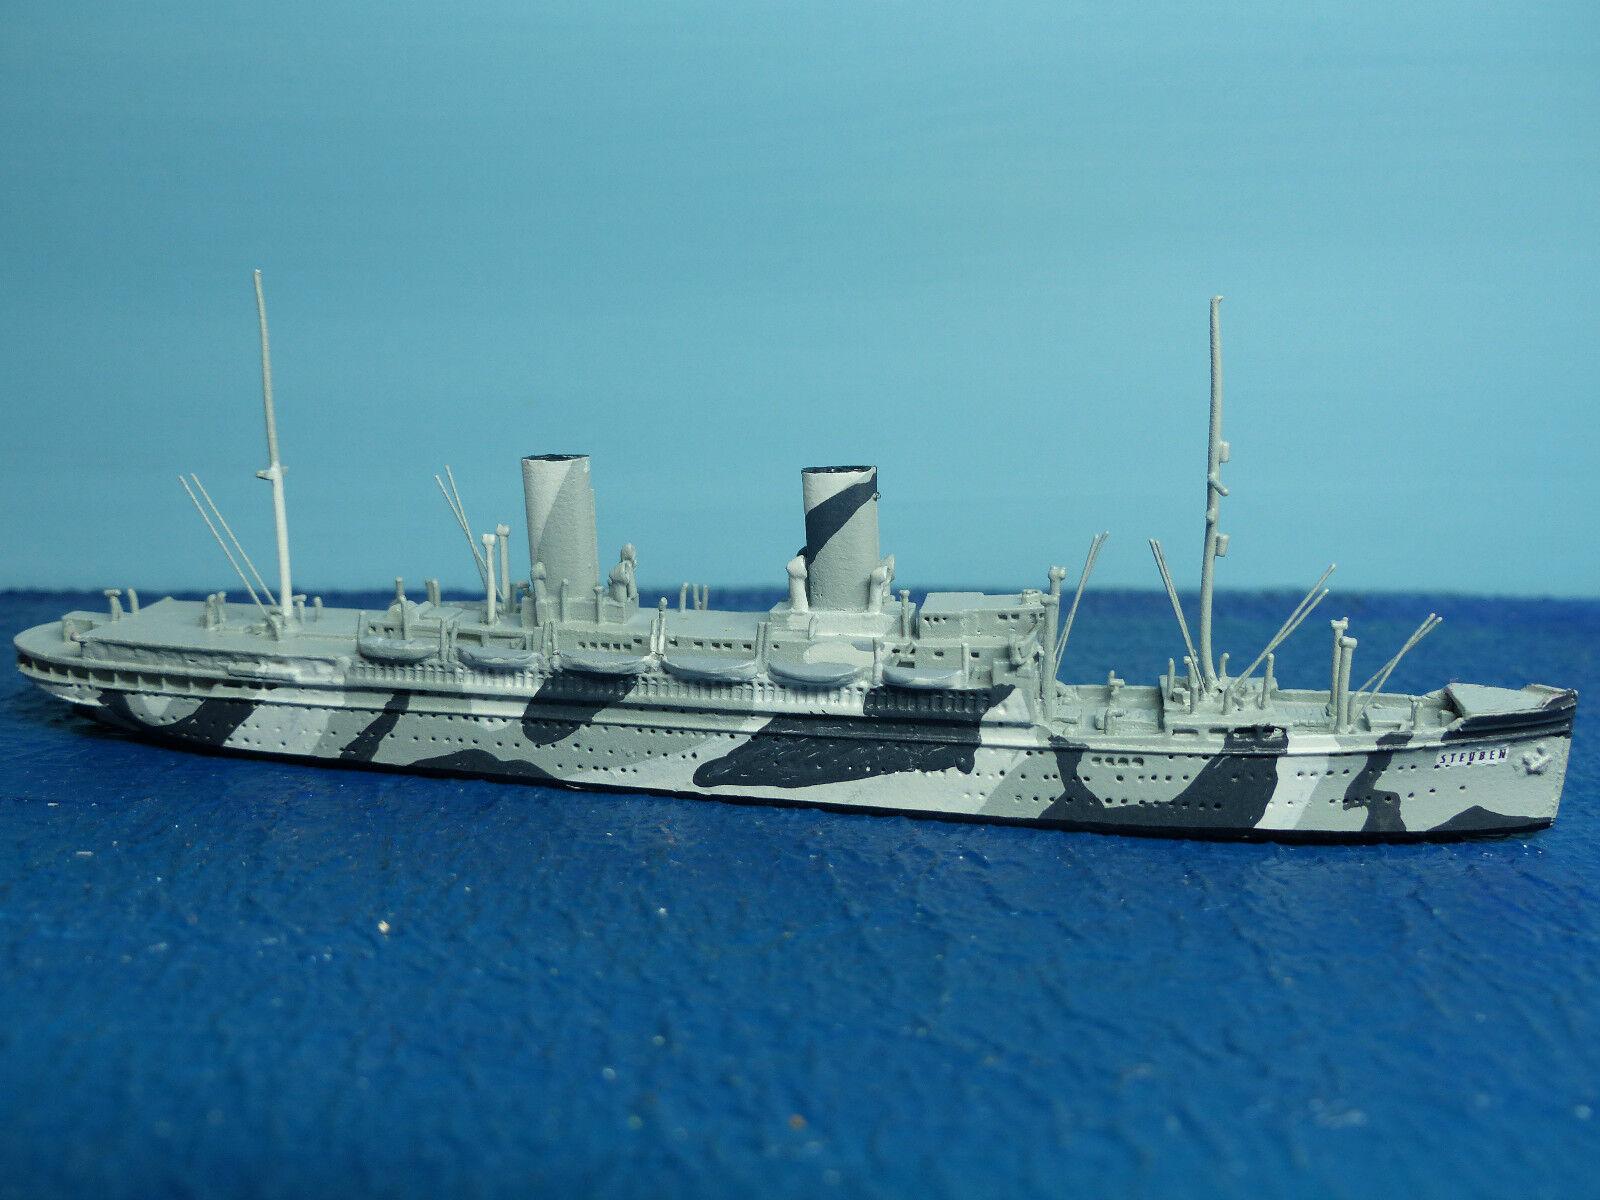 Cm barco 1 1250 D. tropas transportador  Steuben  cm p 71 OVP